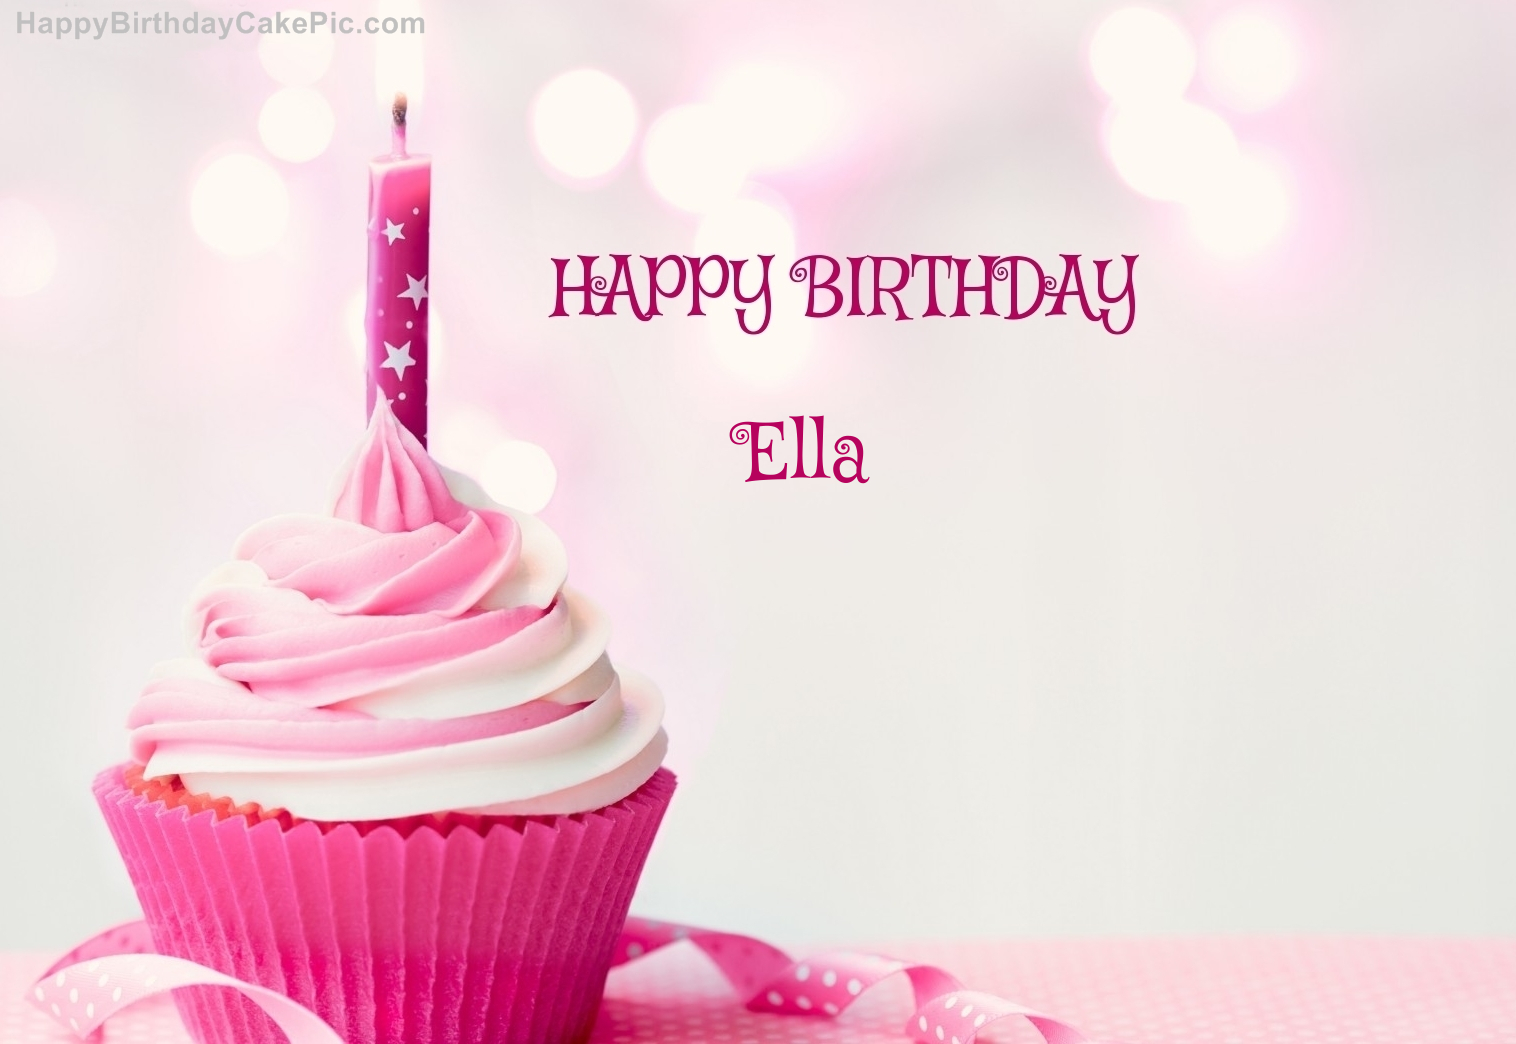 Happy Birthday Ella Cake